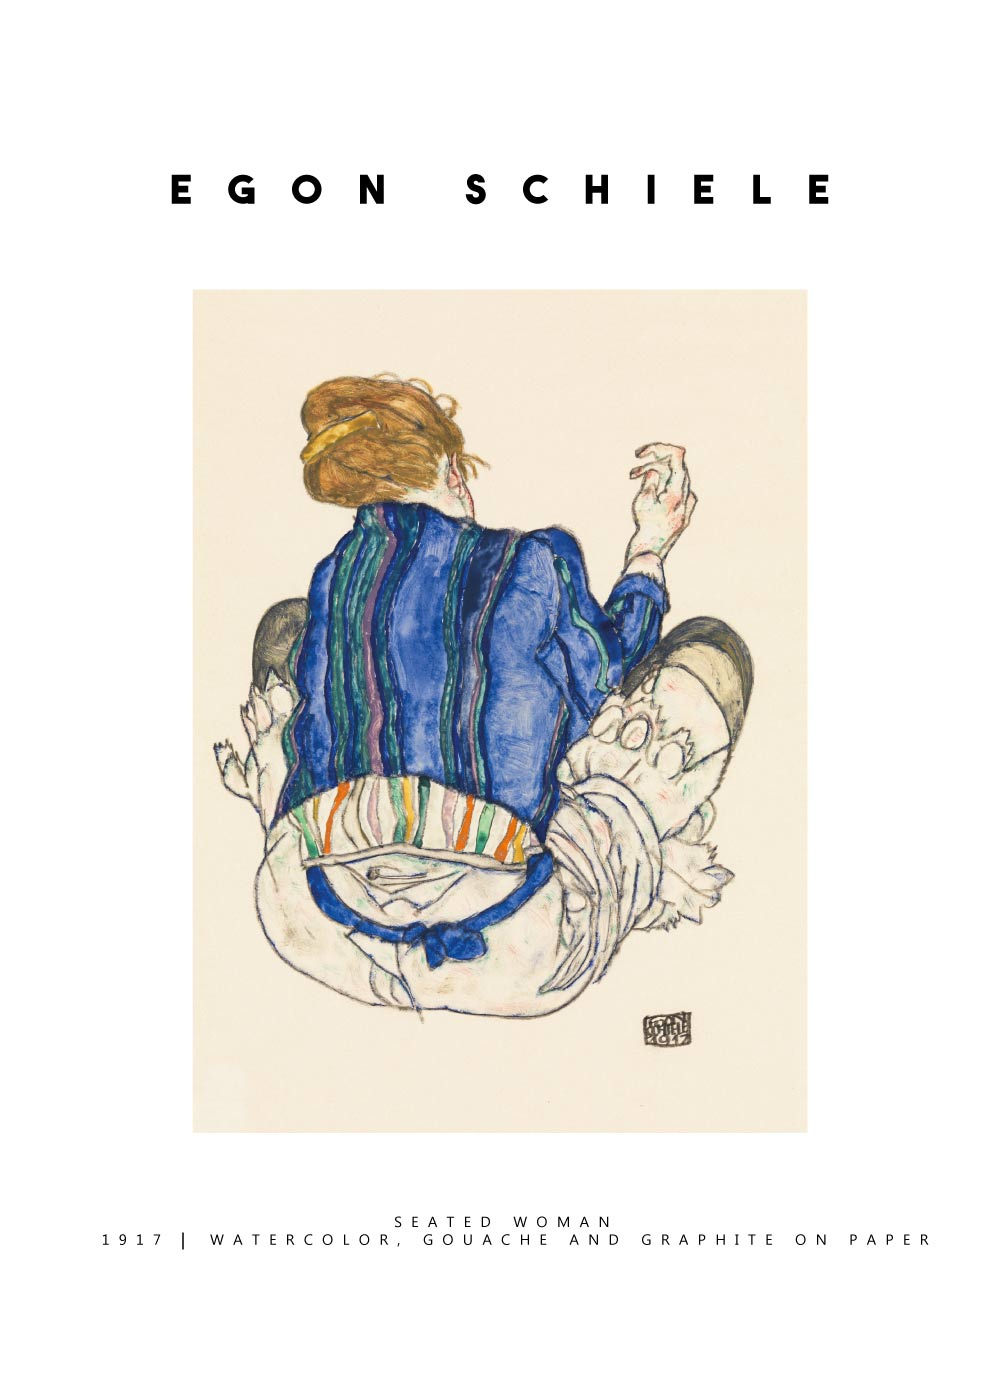 Billede af Seated woman - Egon Schiele